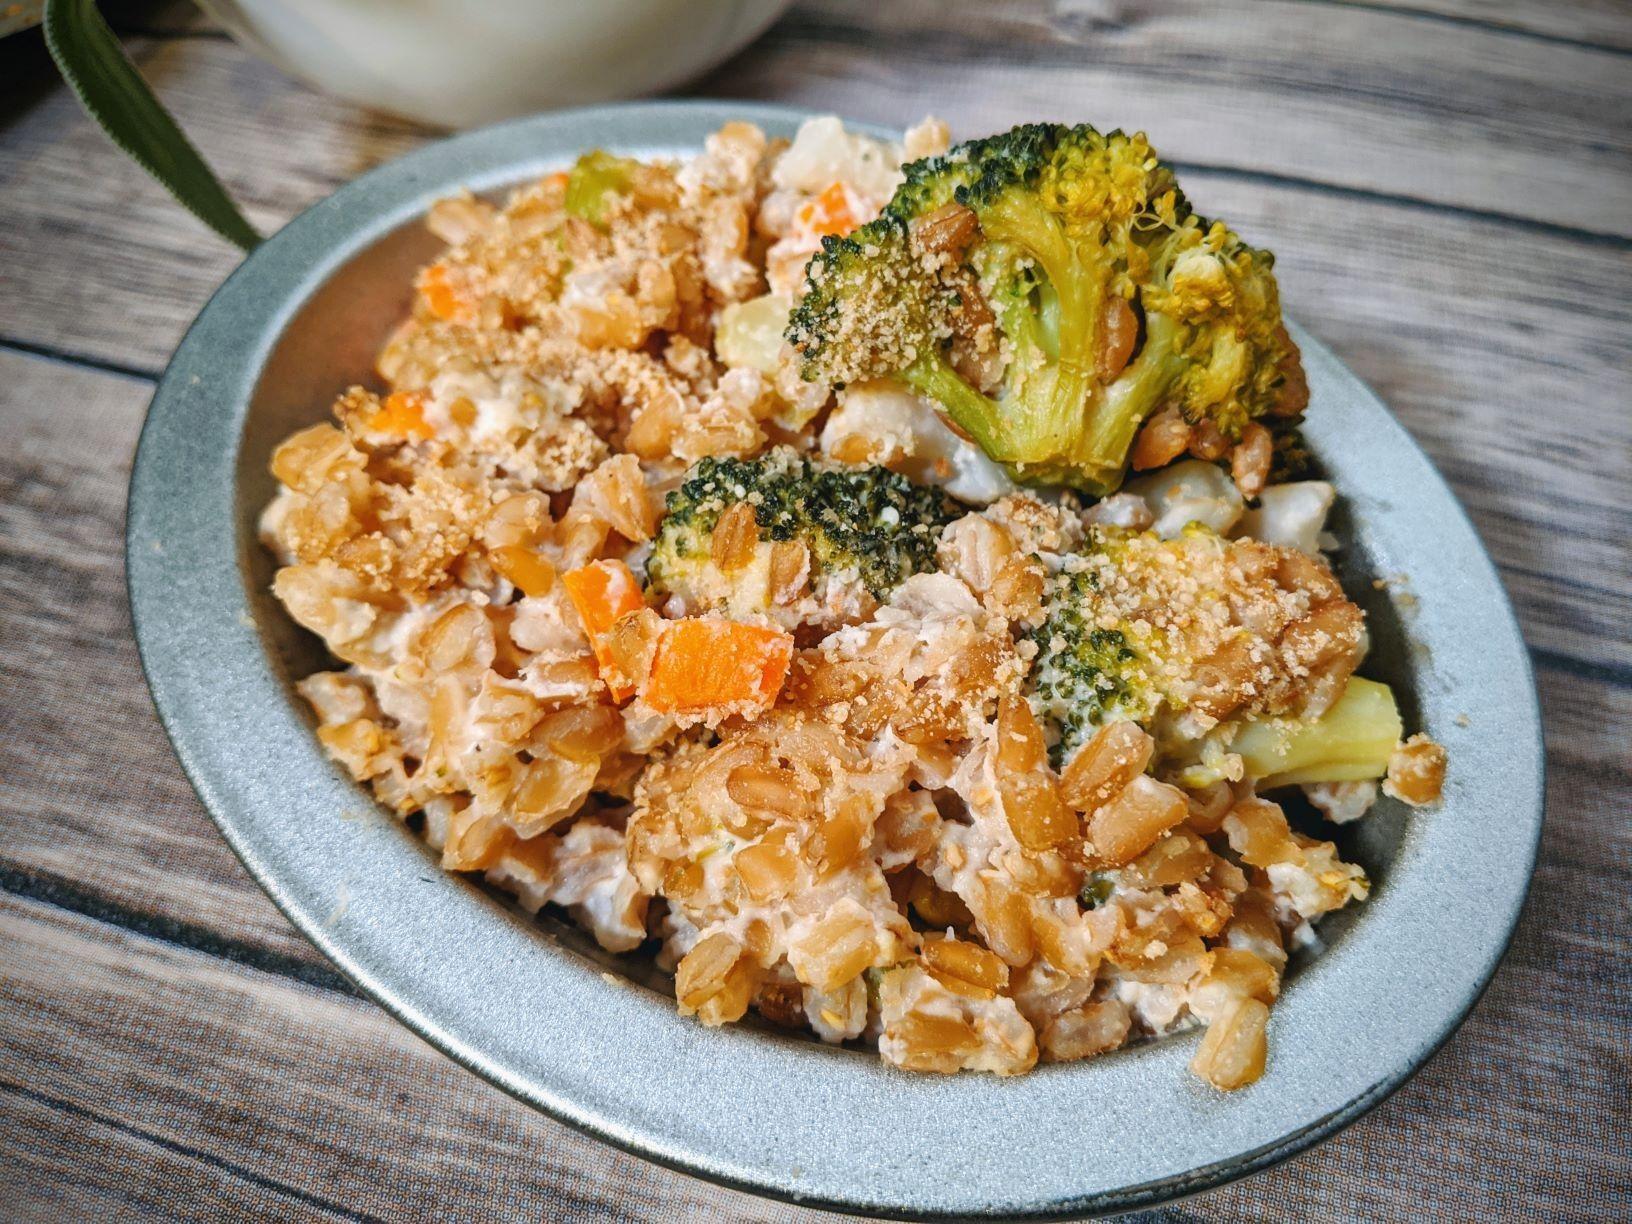 Broccoli cauliflower farro gratin casserole whole foods